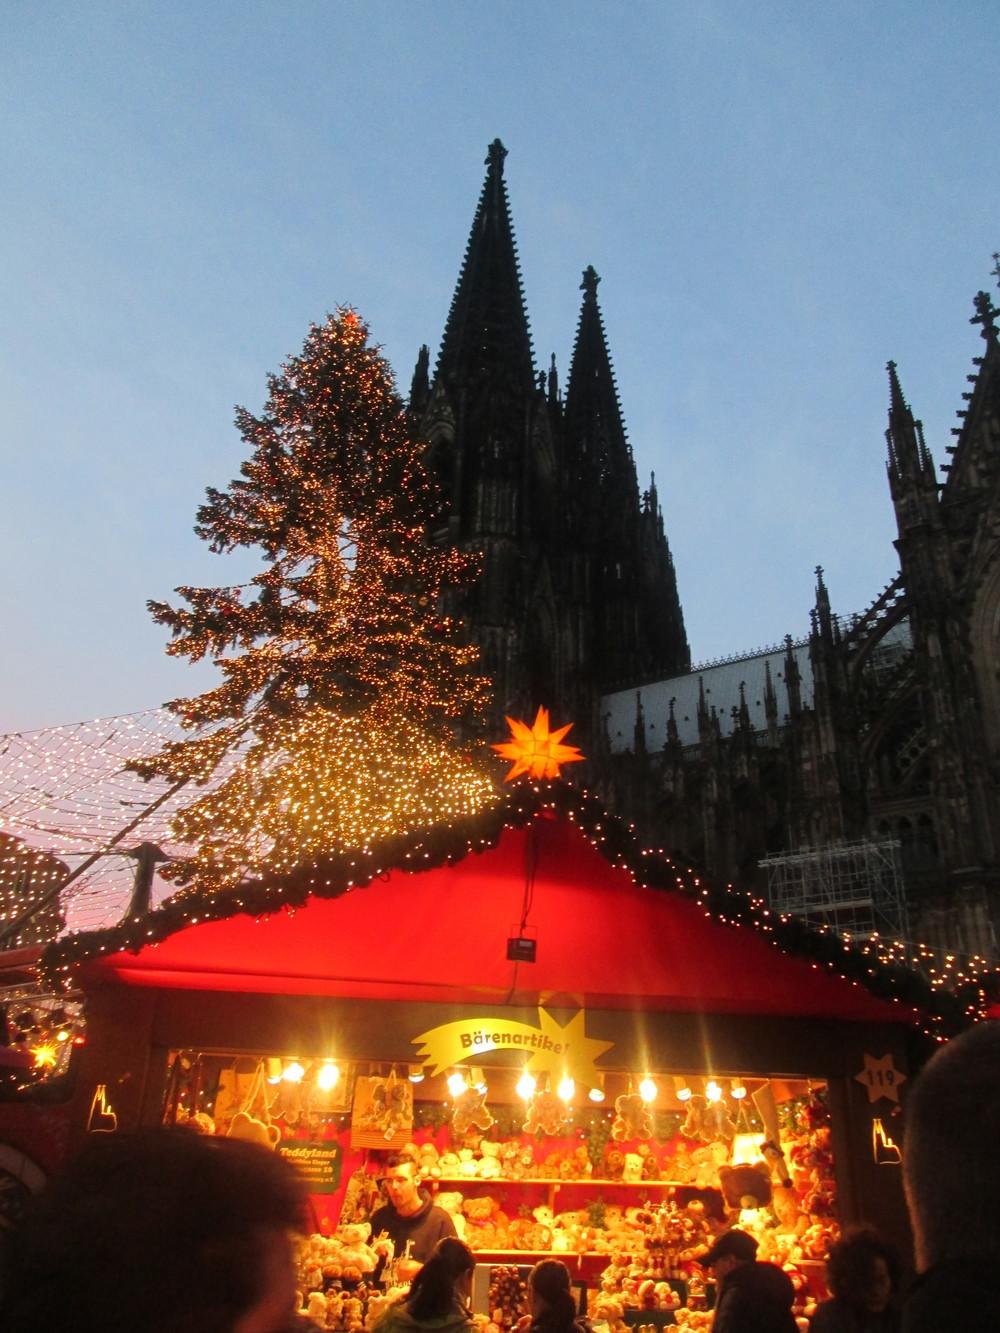 Bärenartikel (bears and accessories, essentially) stand at the Weihnachtsmarkt with Kölner Dom in the background